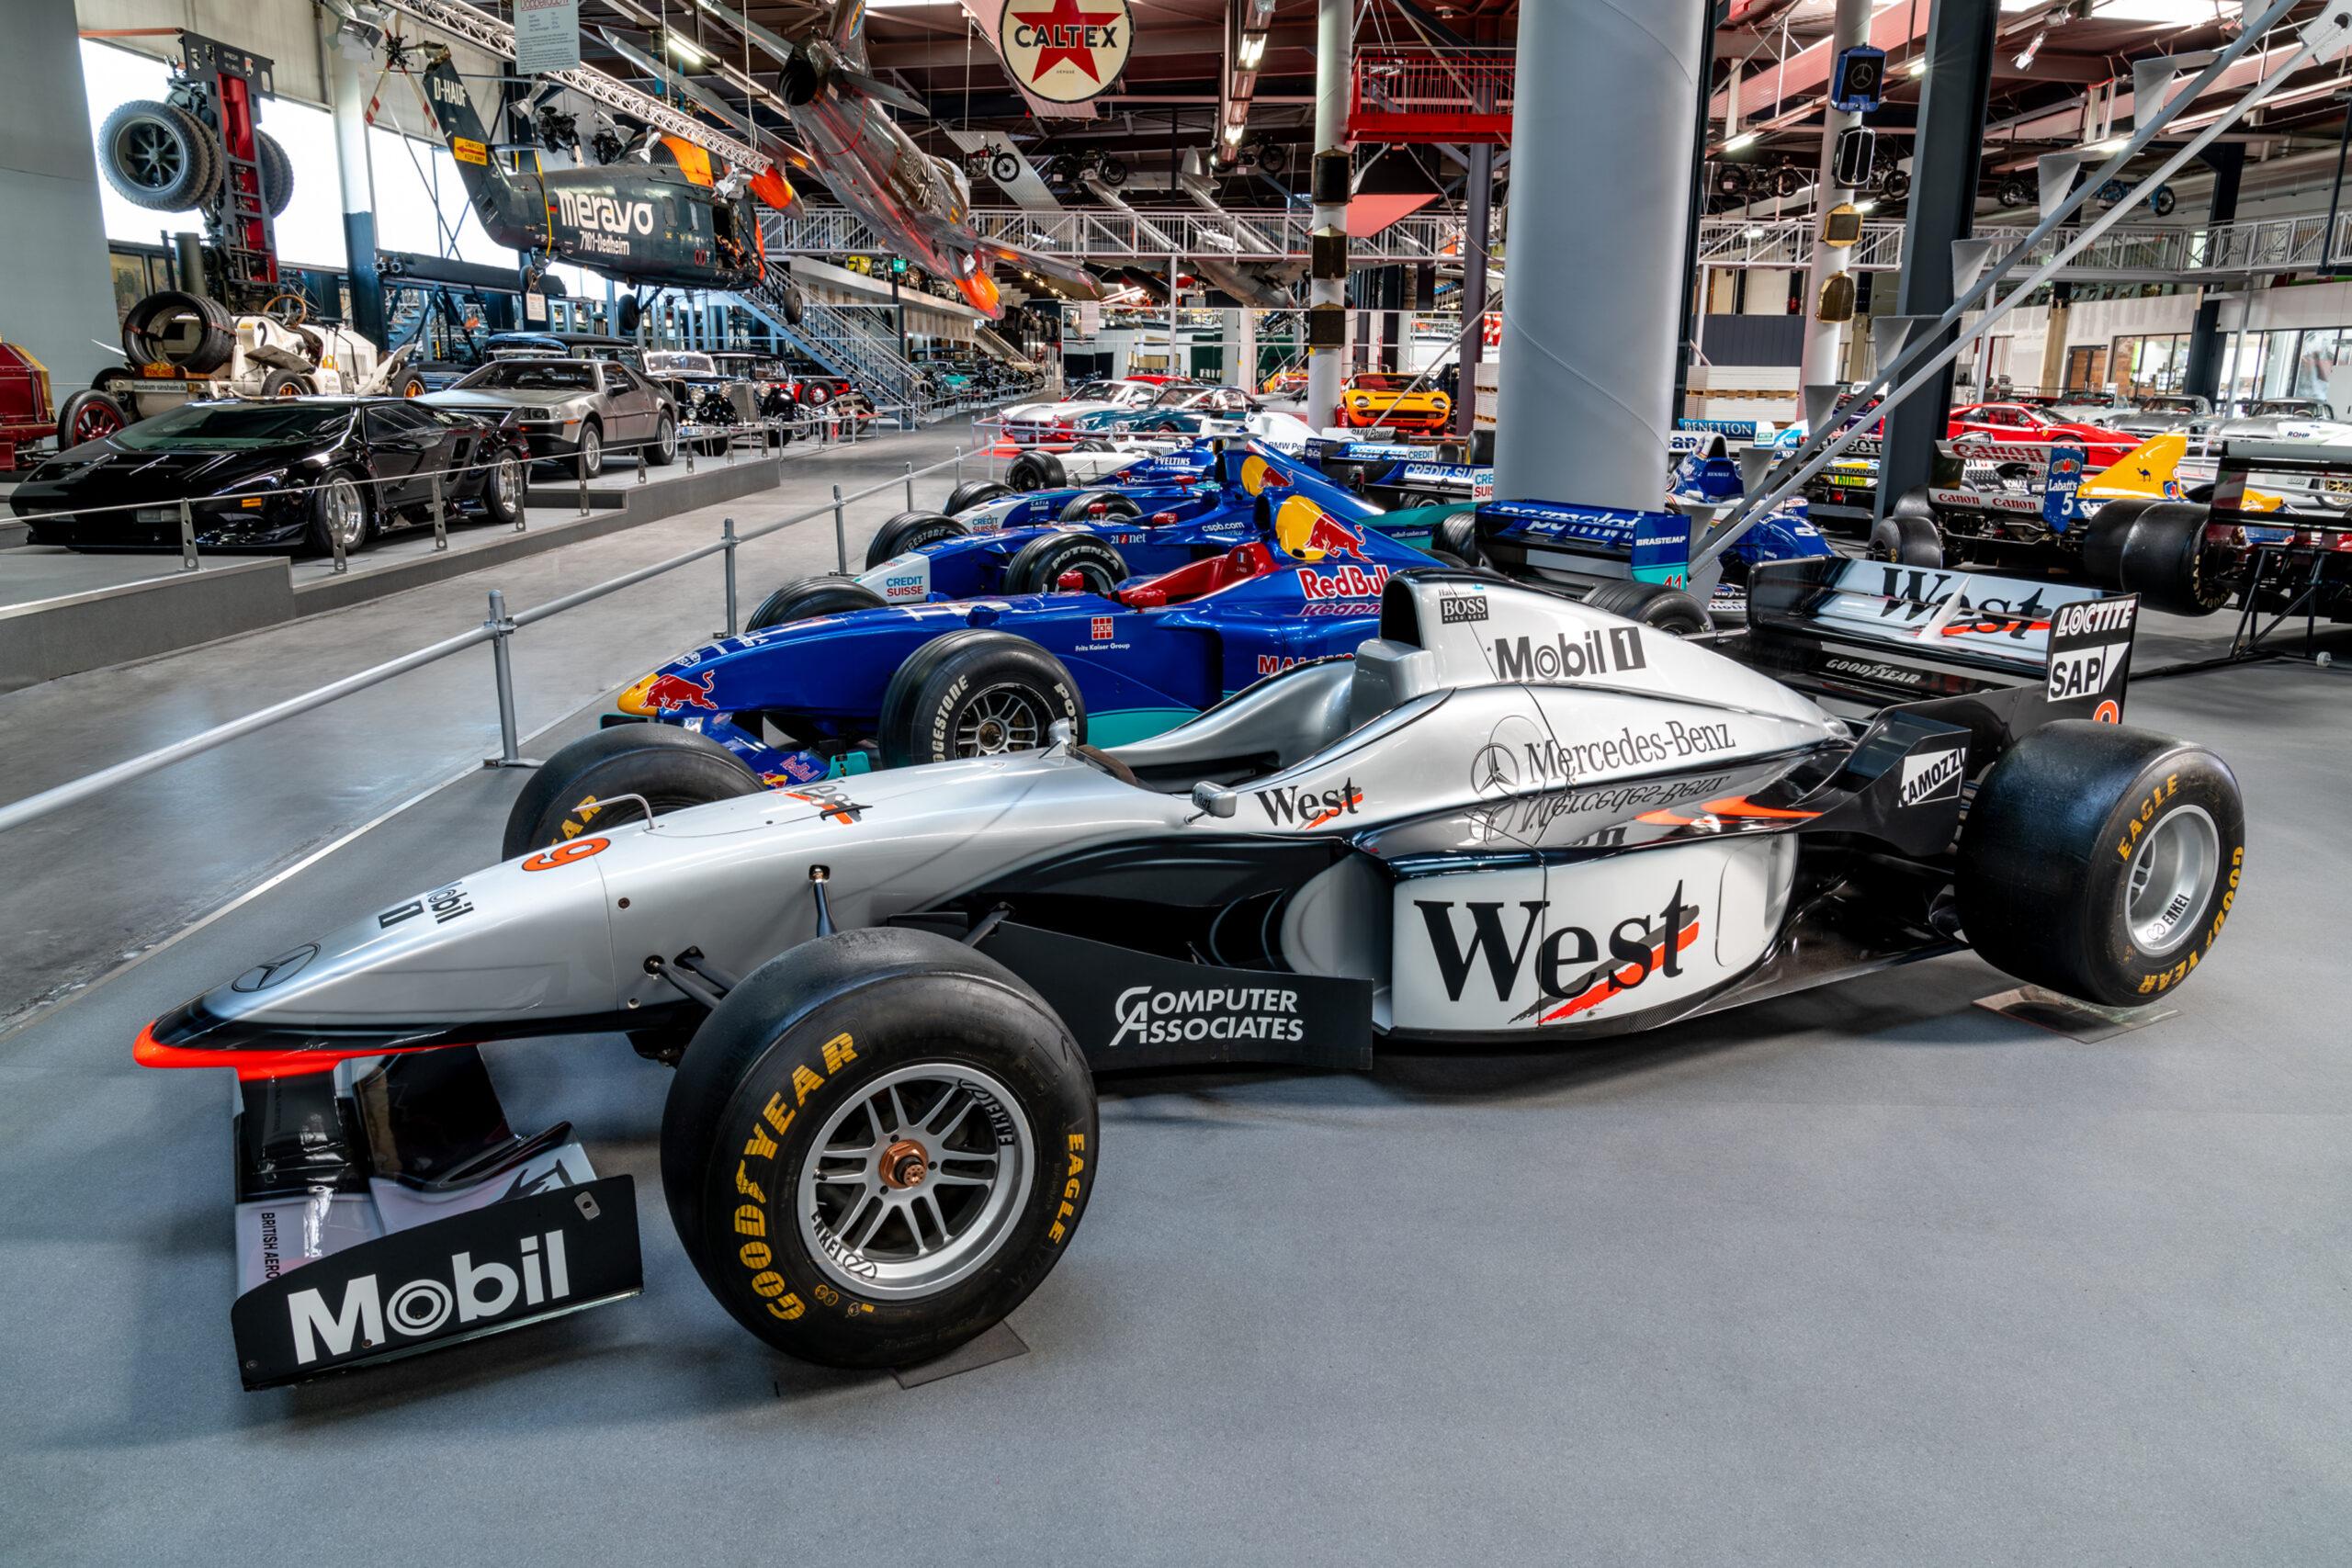 Formel-1-Ausstellung